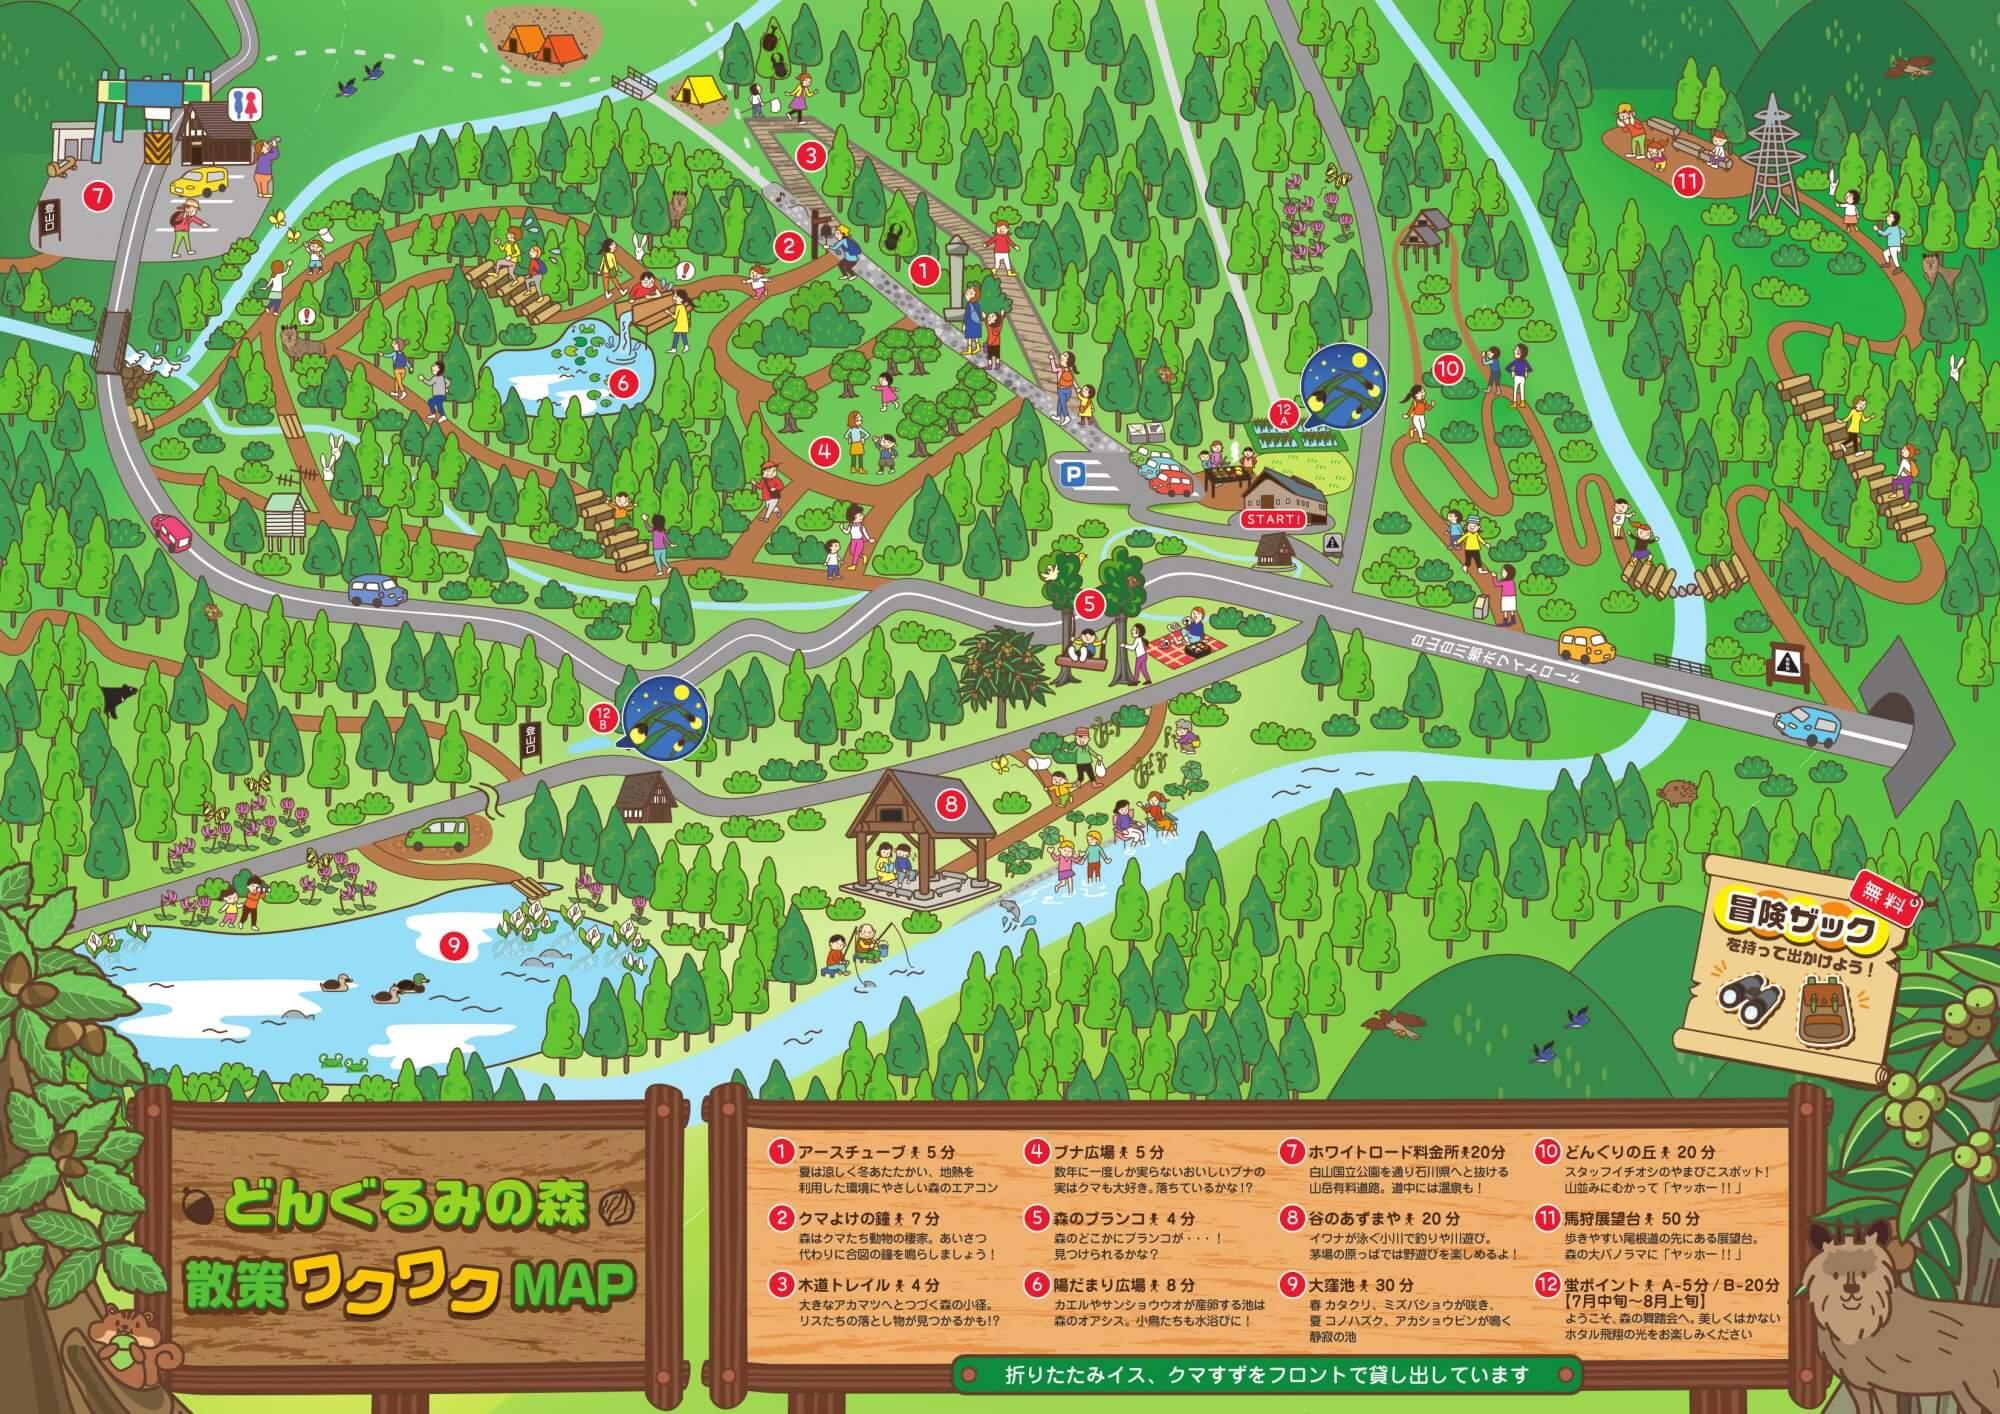 自由に遊べる森&レンタル品